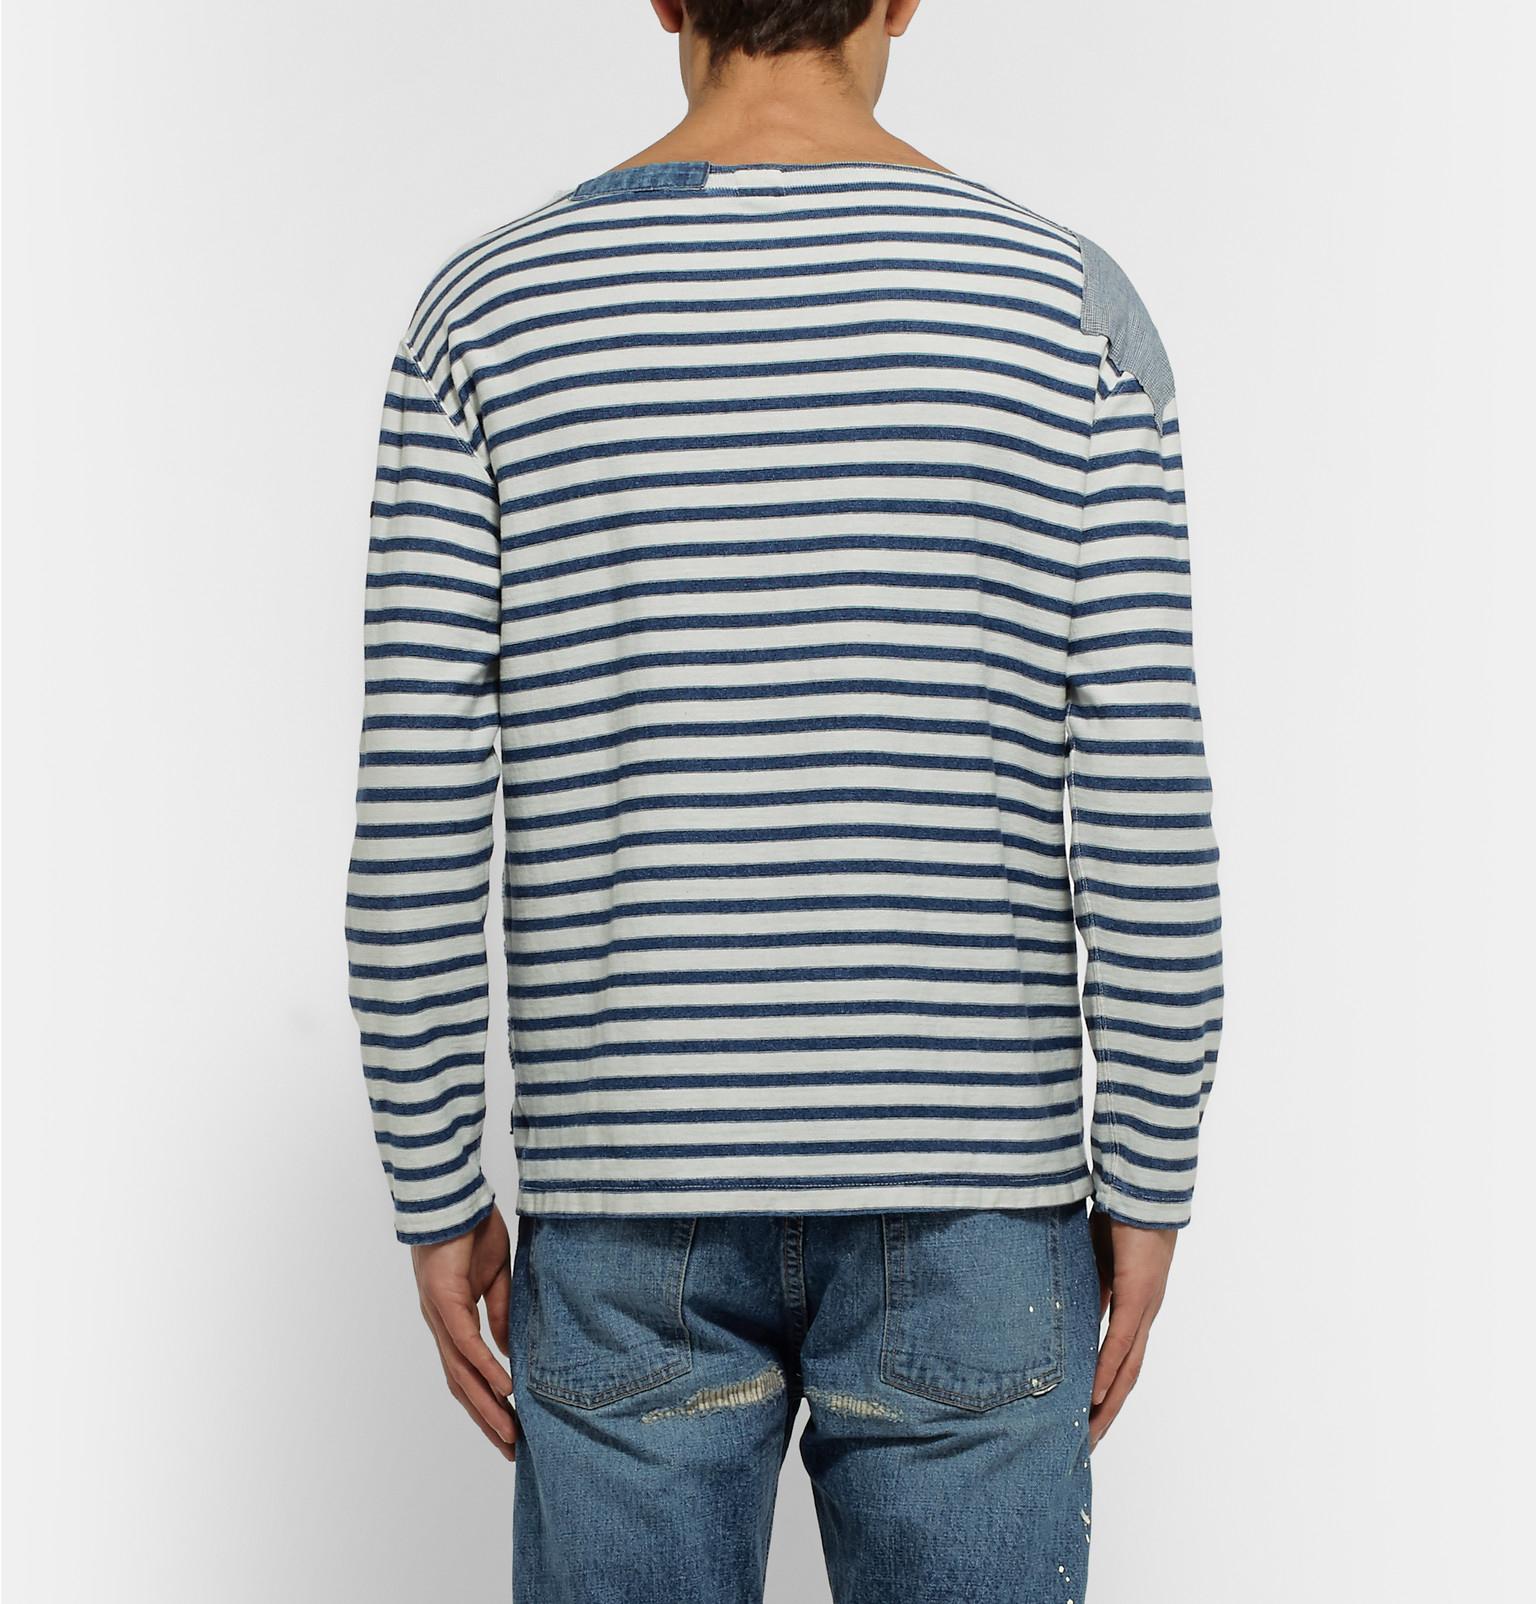 Striped Denim Shirt - IndigoBeams Sortie Pour Pas Cher Jeu Meilleur Magasin Pour Obtenir 6CrQGK